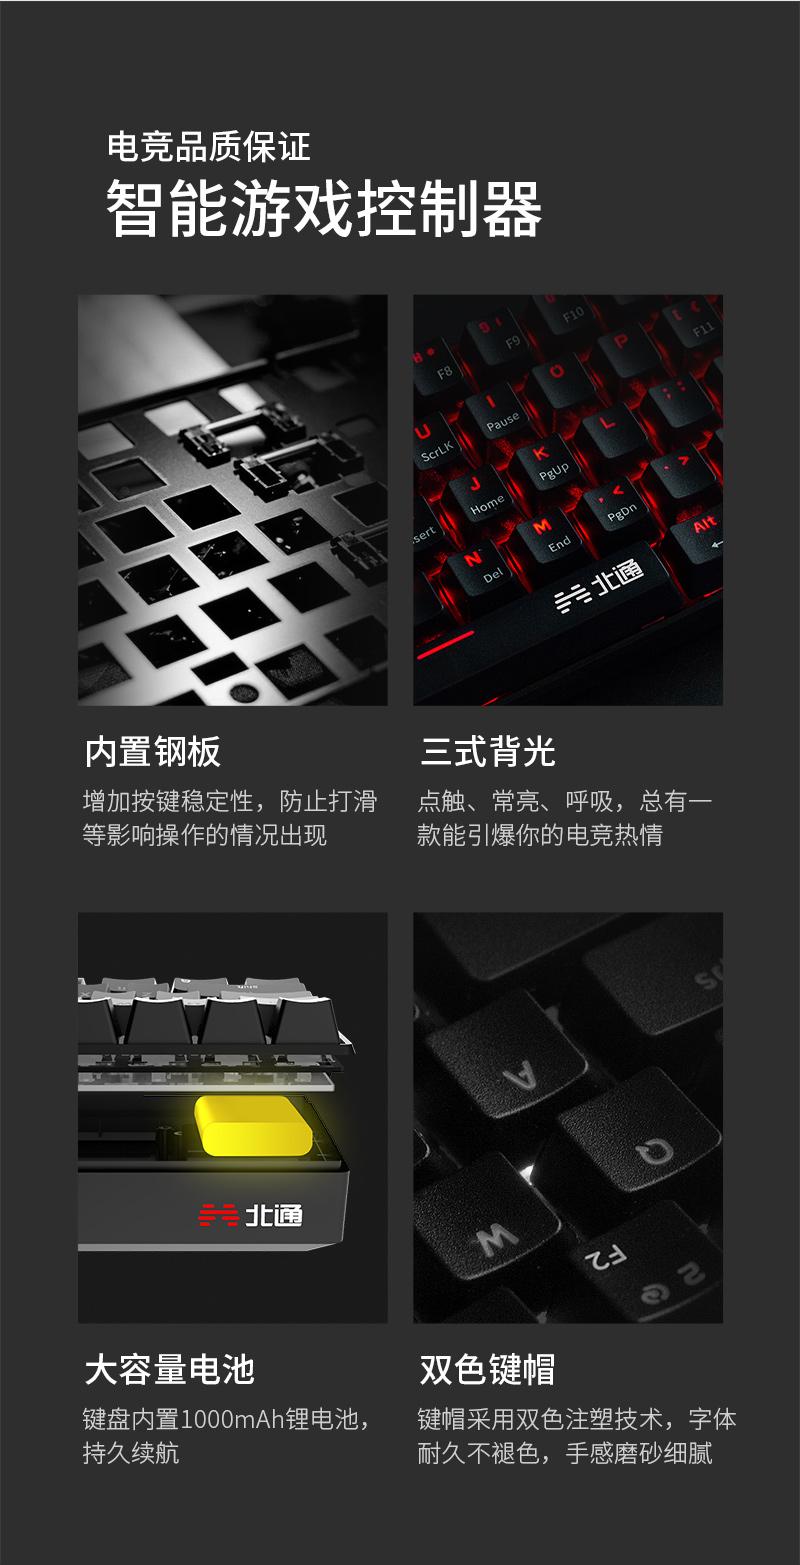 北通K1手游键盘导购页-淘宝(终稿)_13.jpg